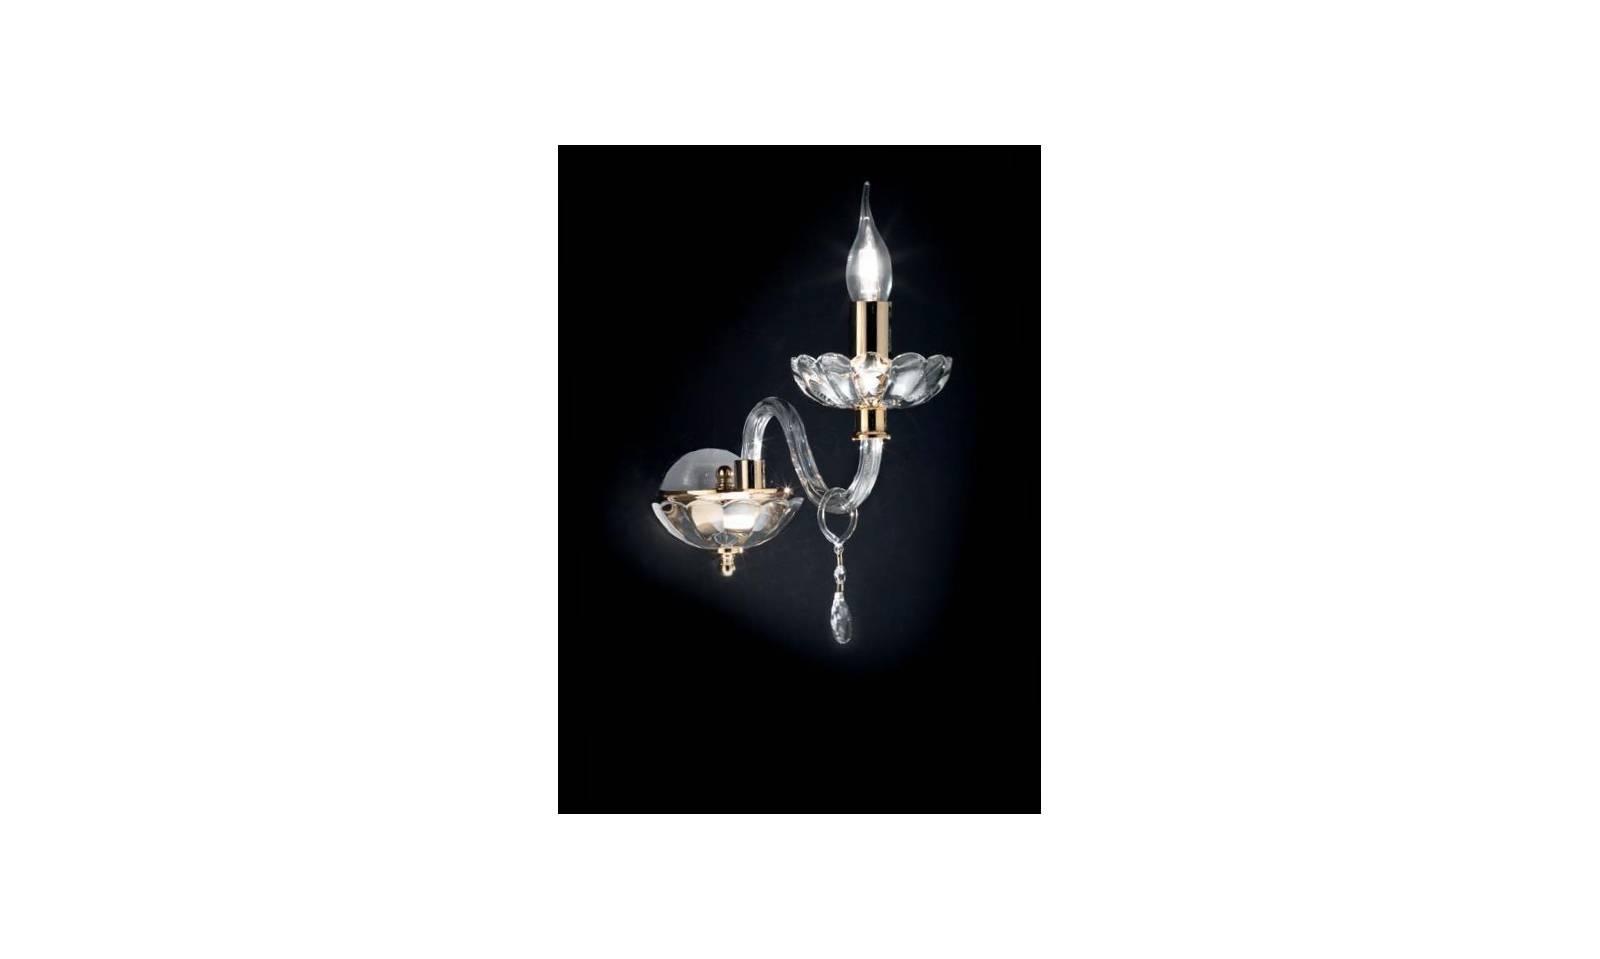 Appllique 1 luce con braccio in cristallo e vetro con finiture in oro